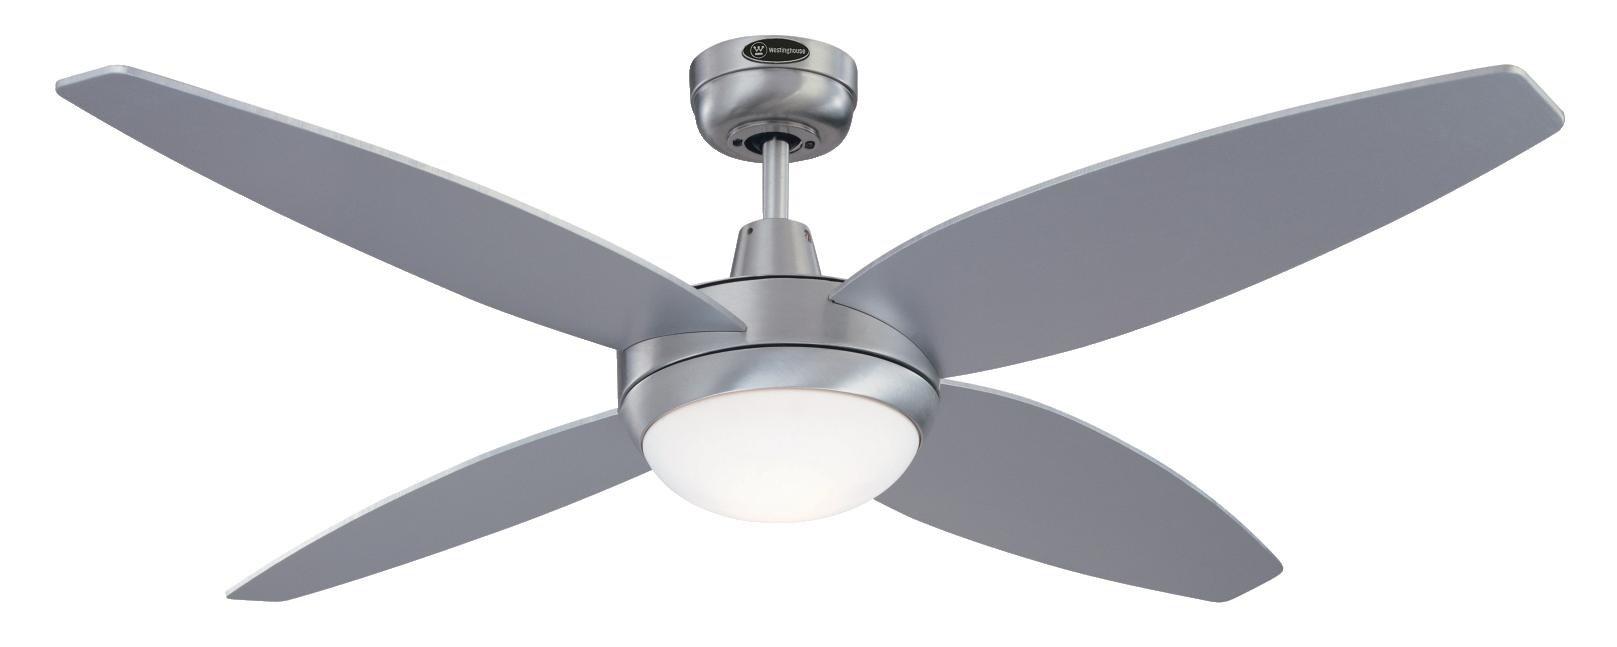 Westinghouse Havana / 7254640 Ventilateur de plafond (Import Allemagne) product image